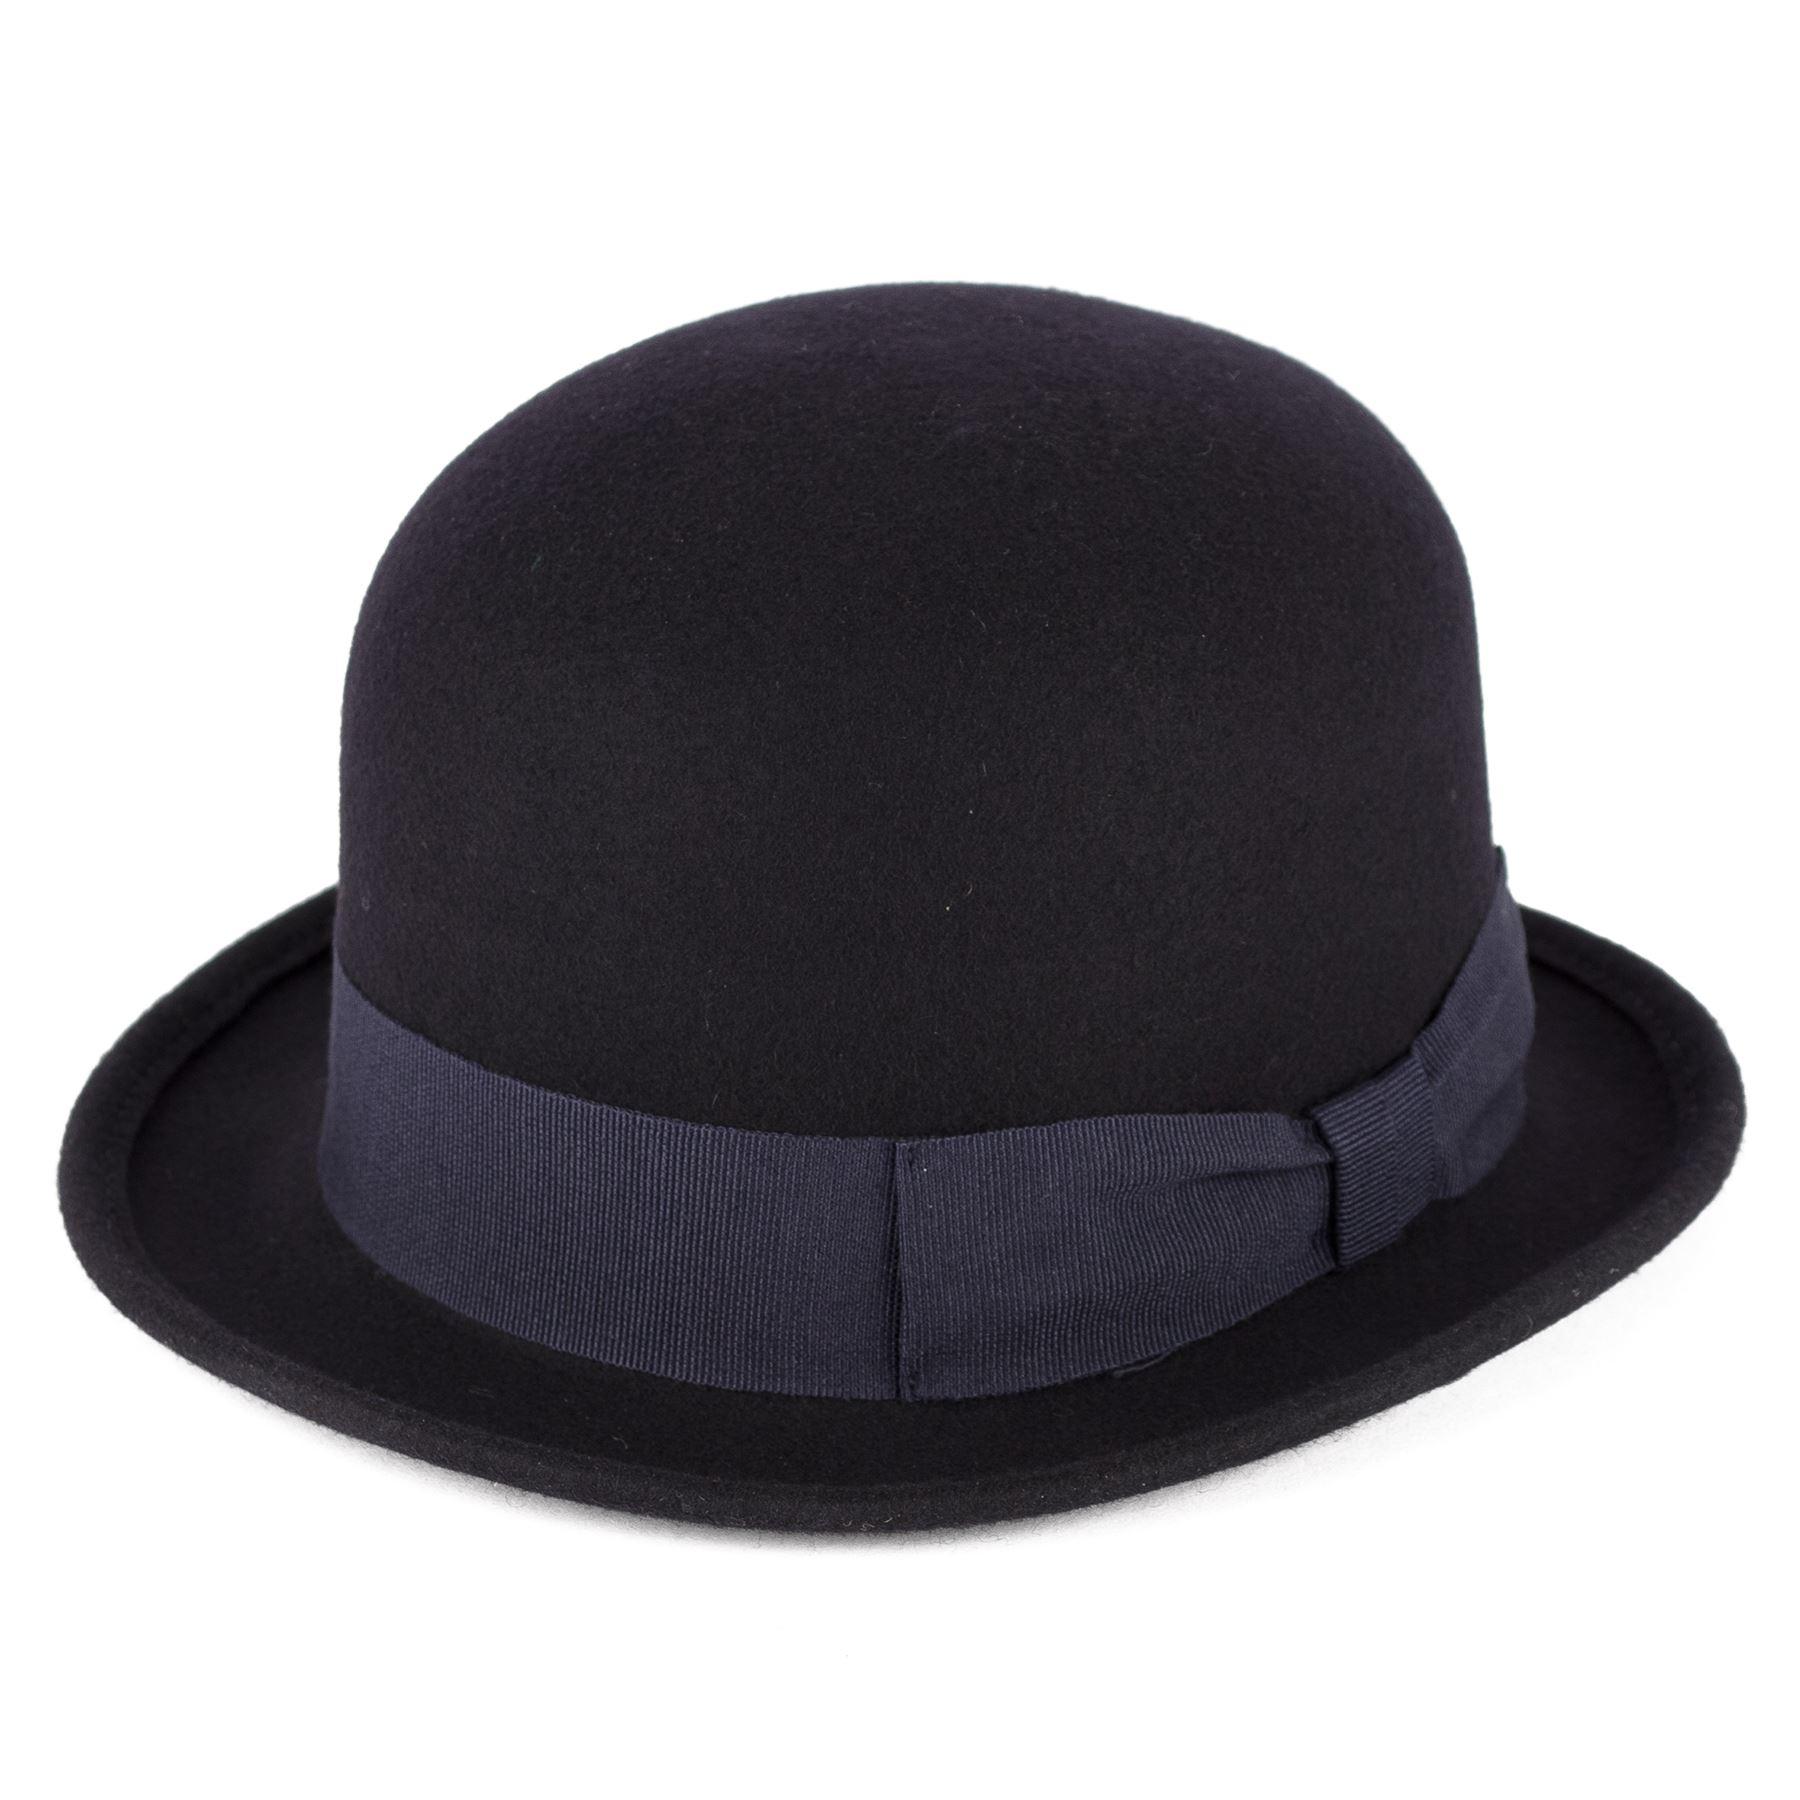 Herren-Damen-Vintage-Charlie-Chaplin-100-Wolle-Filz-Derby-Bowler-Unisex-Huete